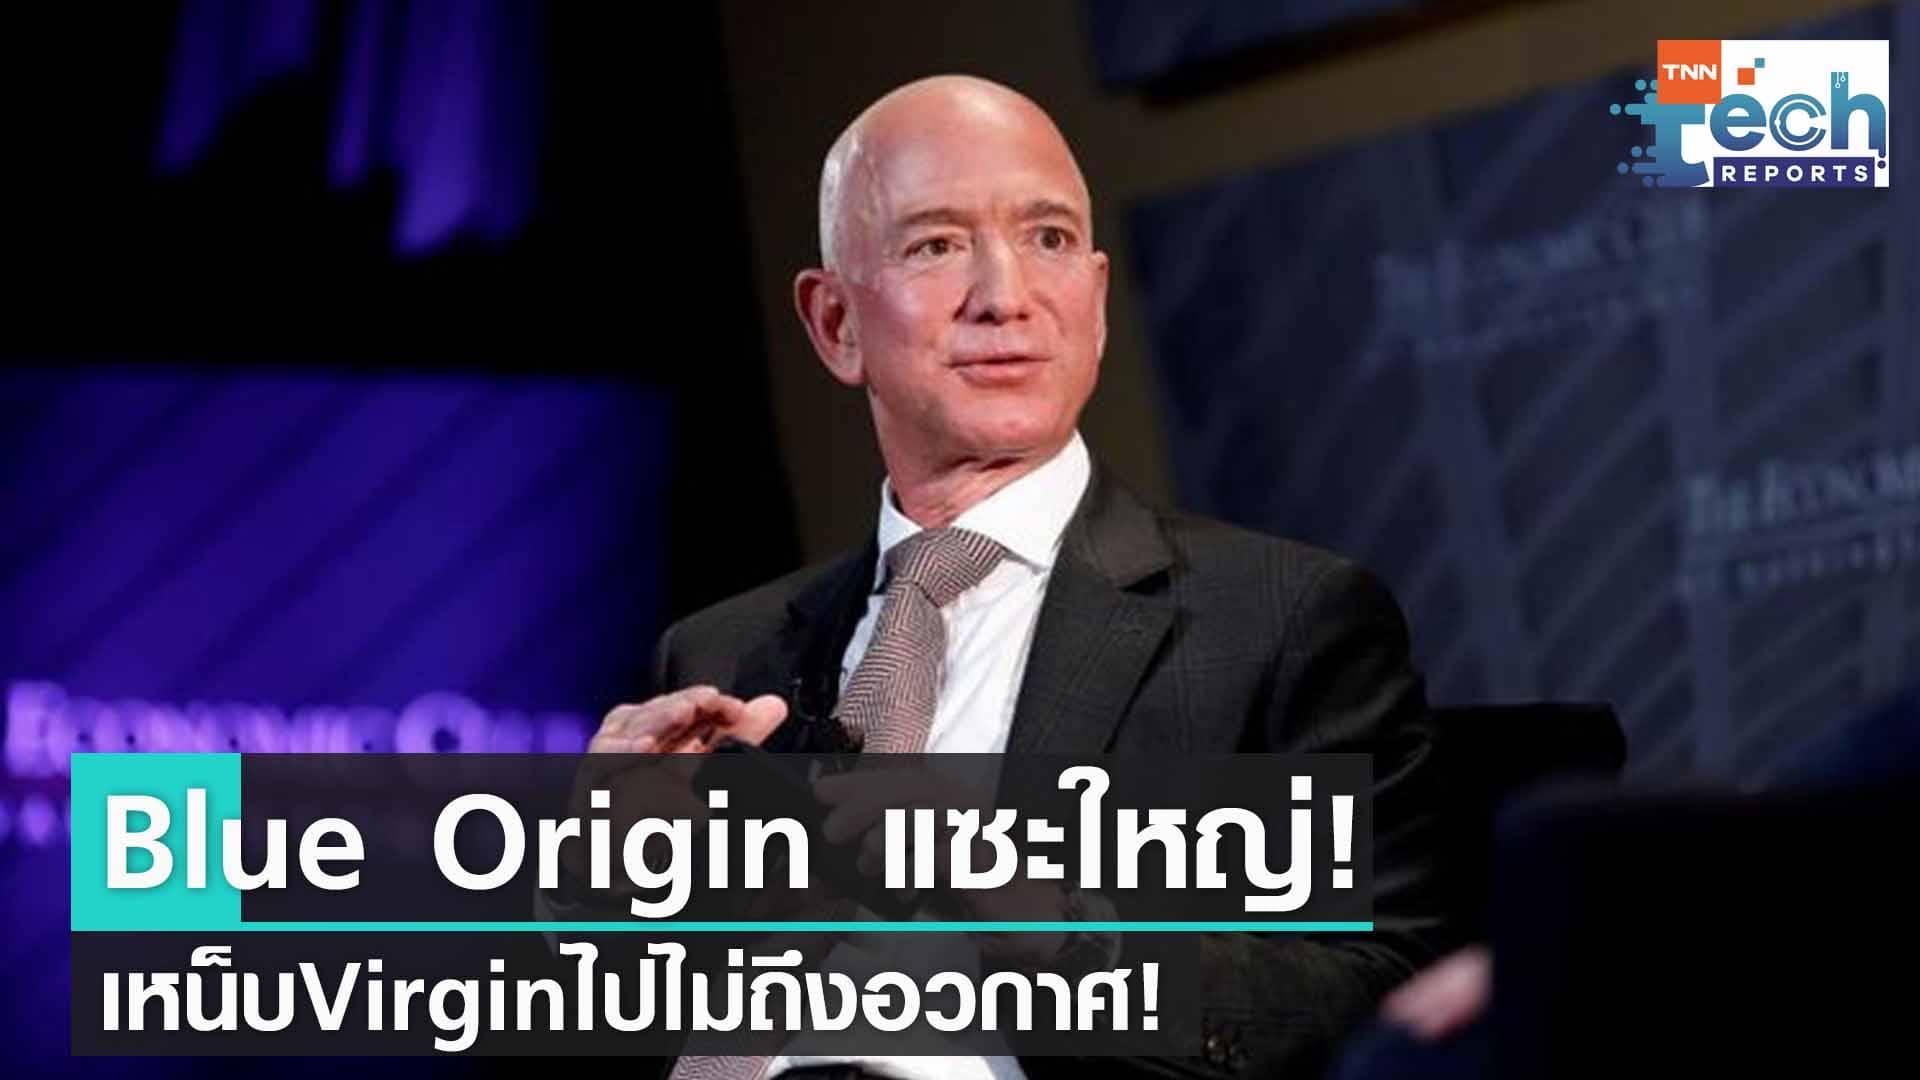 แสบใช่เล่น! Blue Origin แซะคู่แข่ง Virgin Galactic ไปไม่ถึงอวกาศแน่!